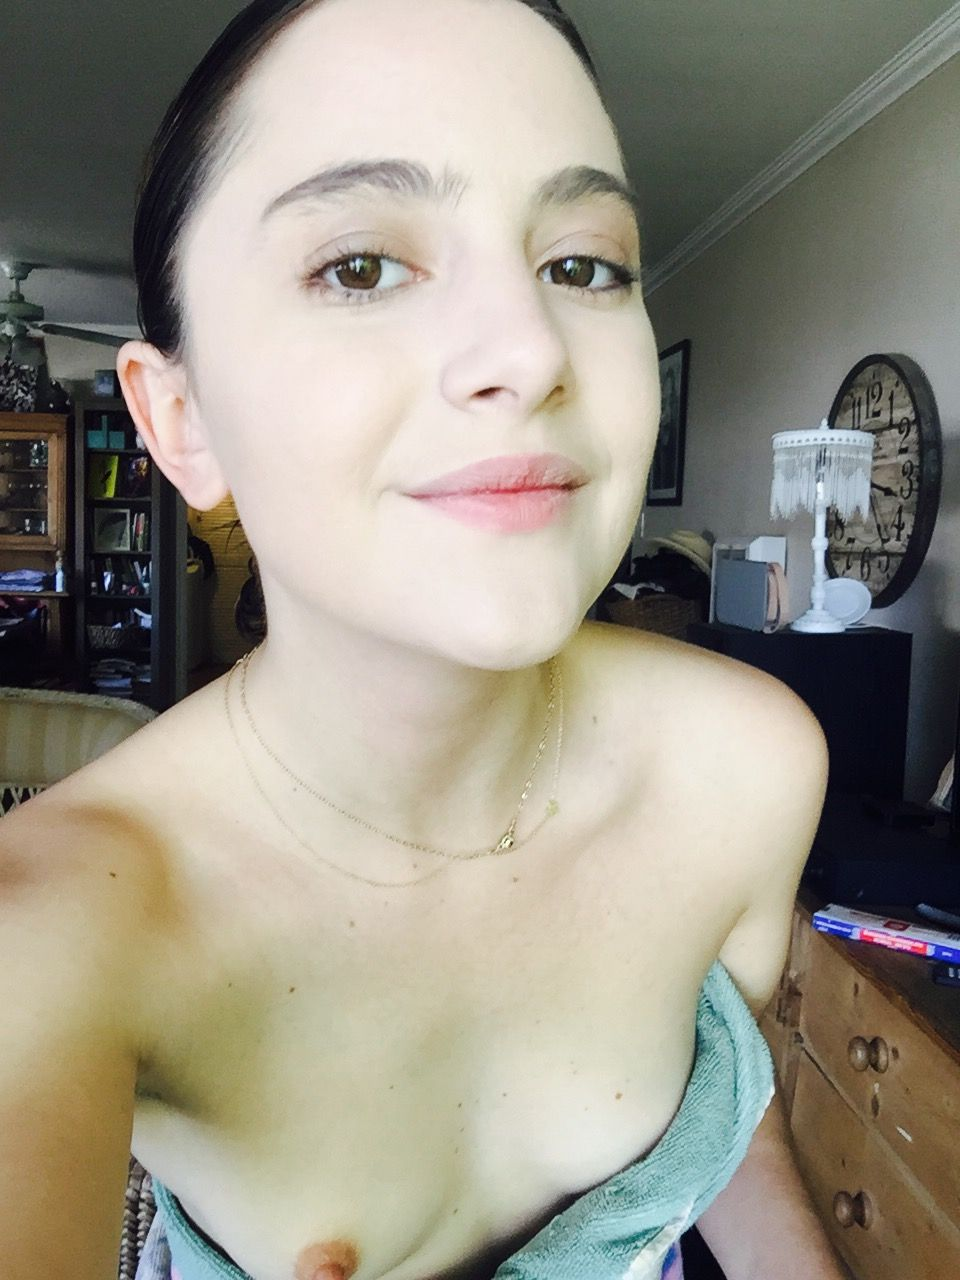 Latina teen nude butts selfie